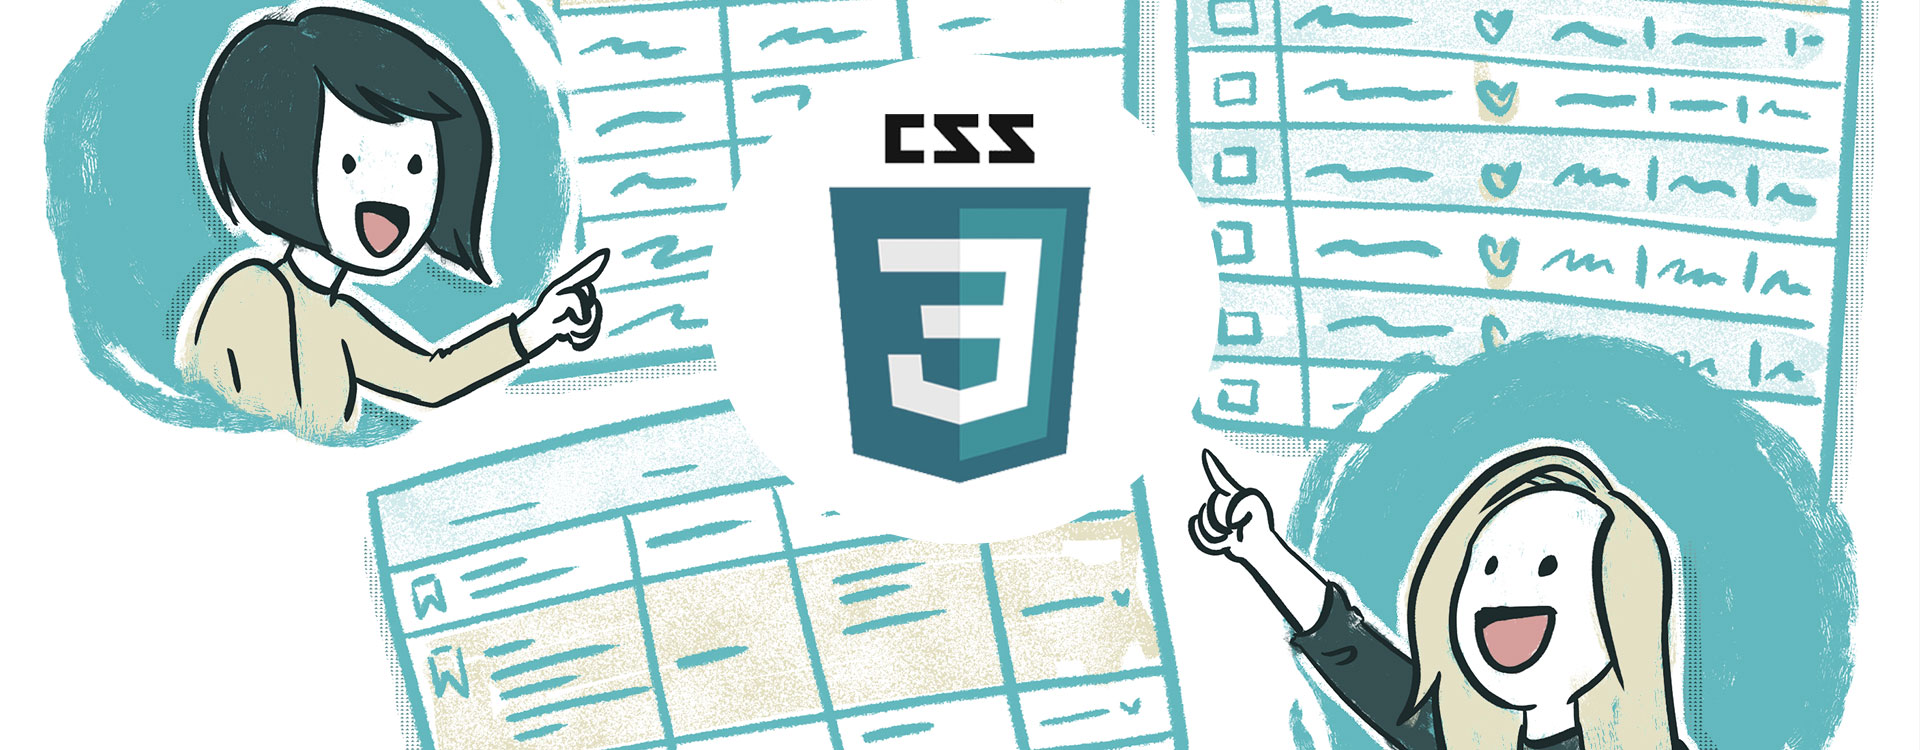 Tabellen vormgeven met CSS